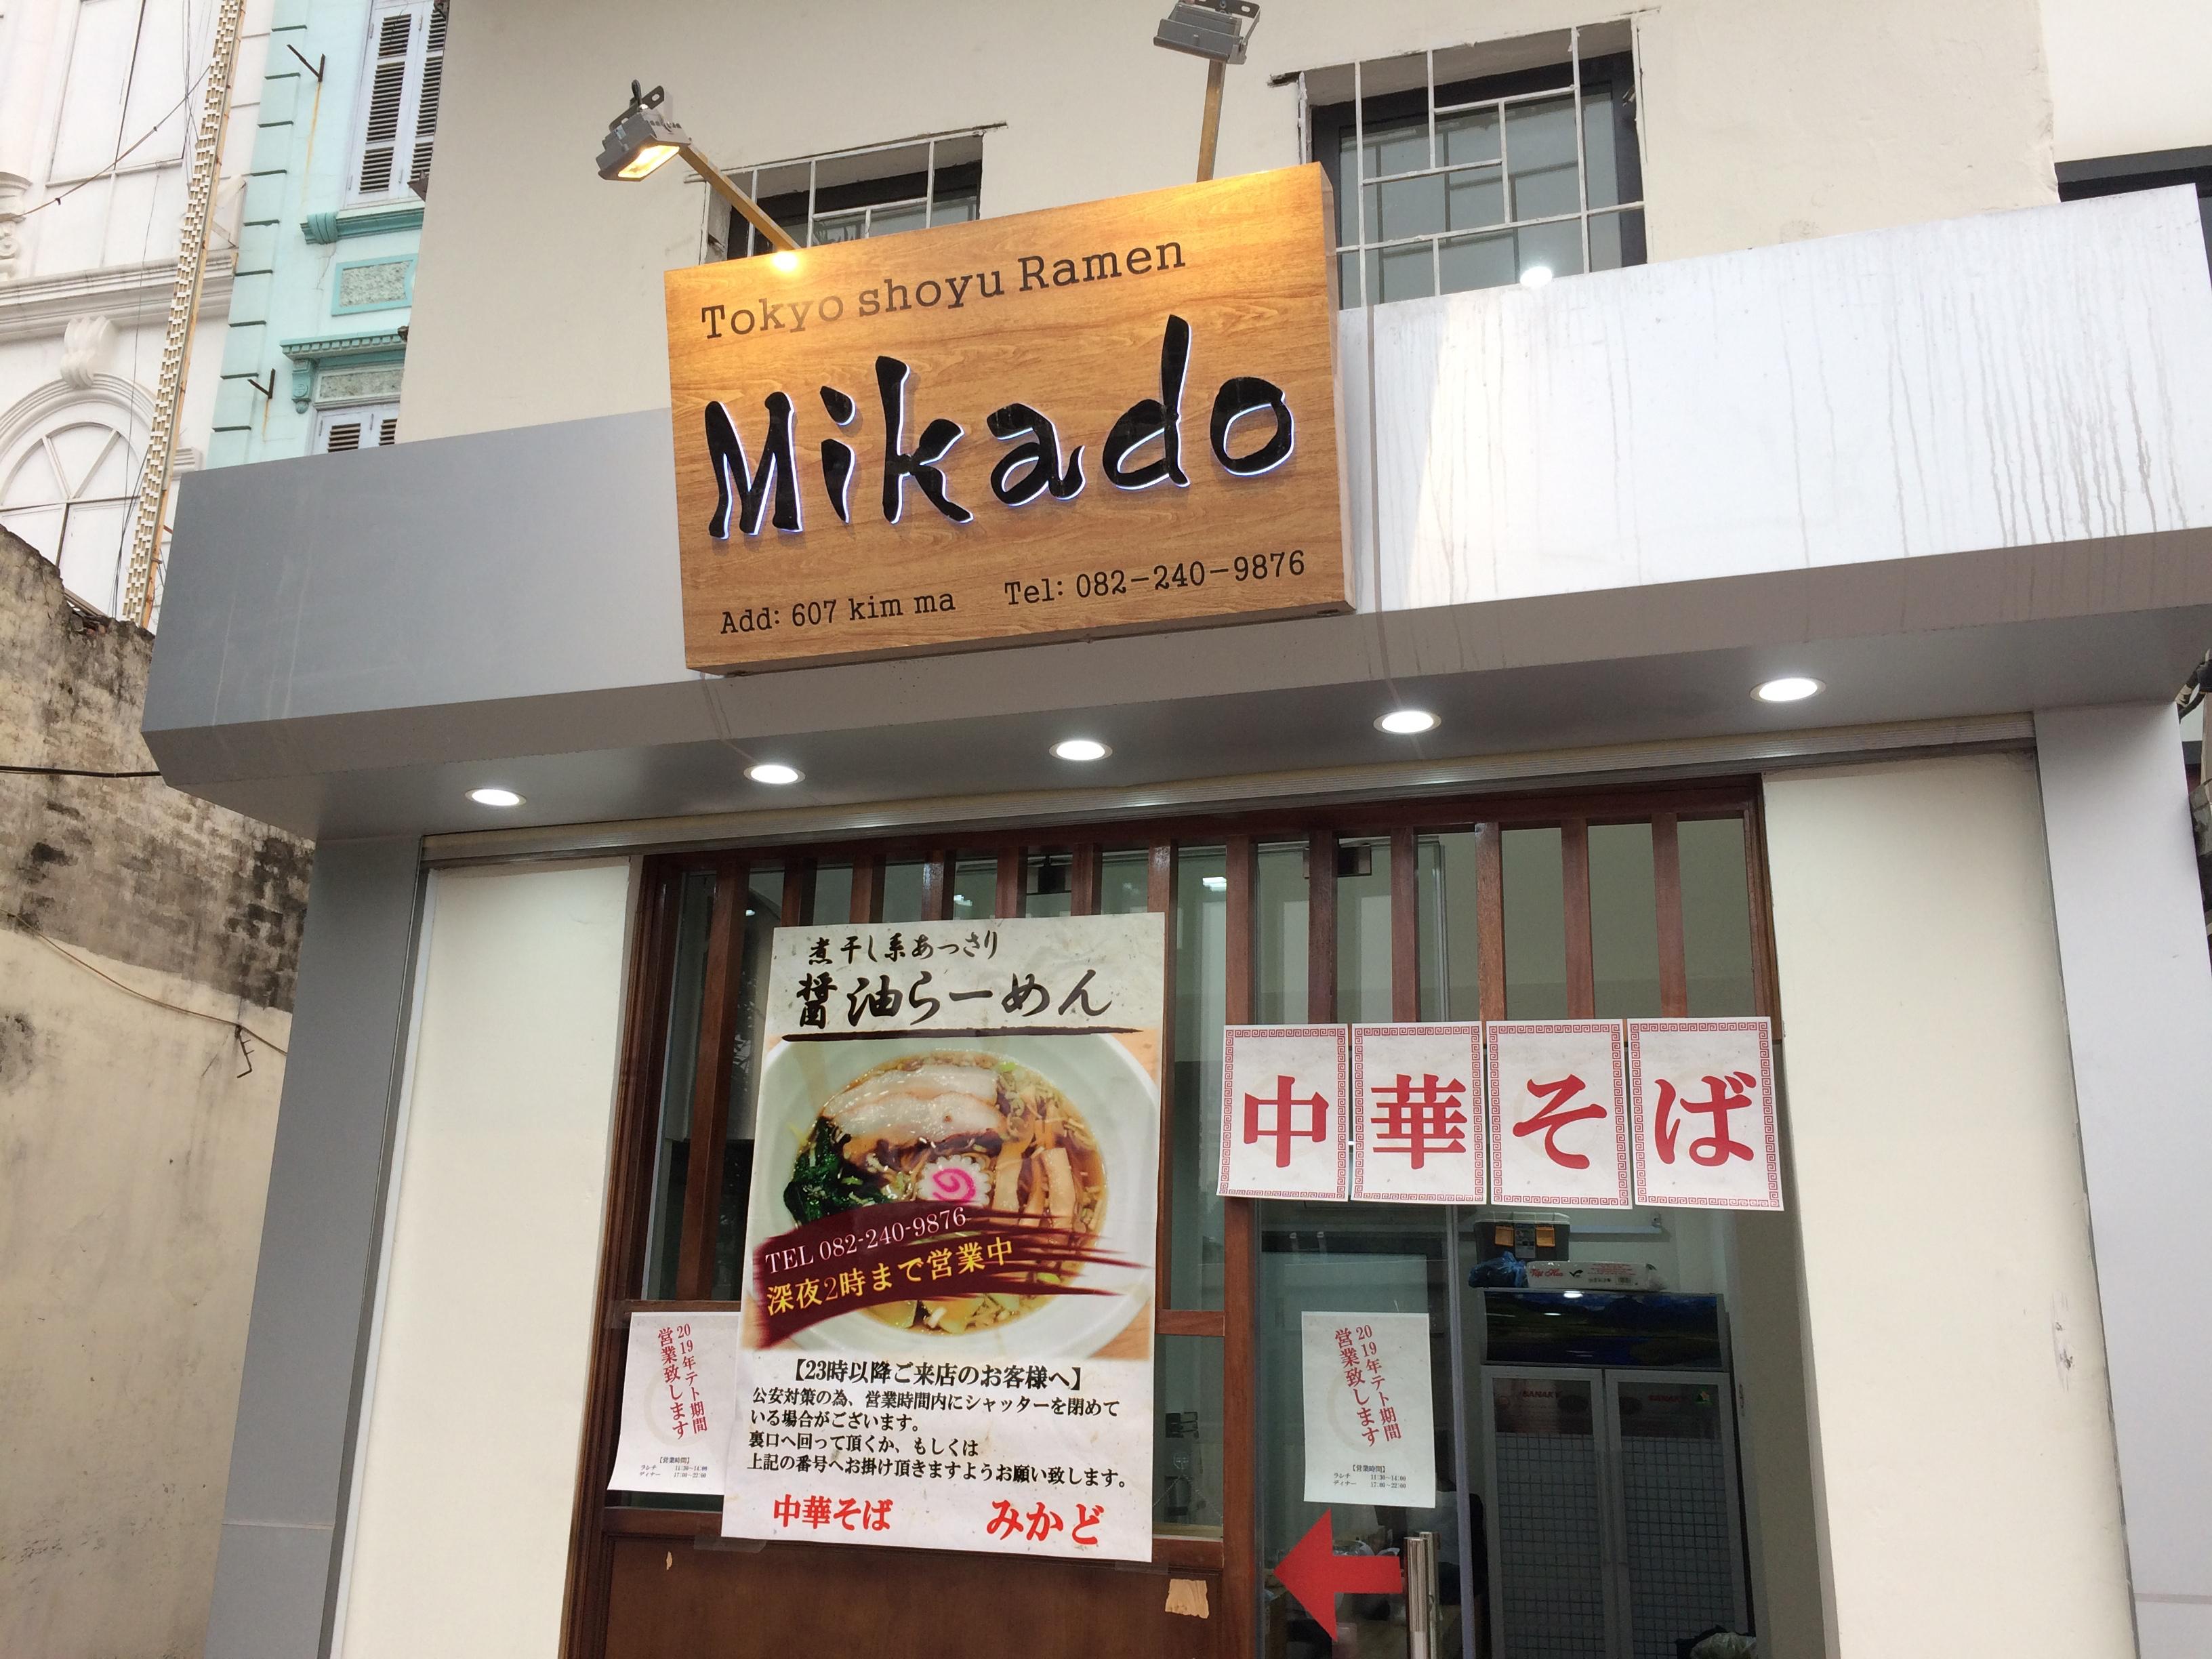 キンマーにさっぱり醤油ラーメン店がオープン!【Mikado】